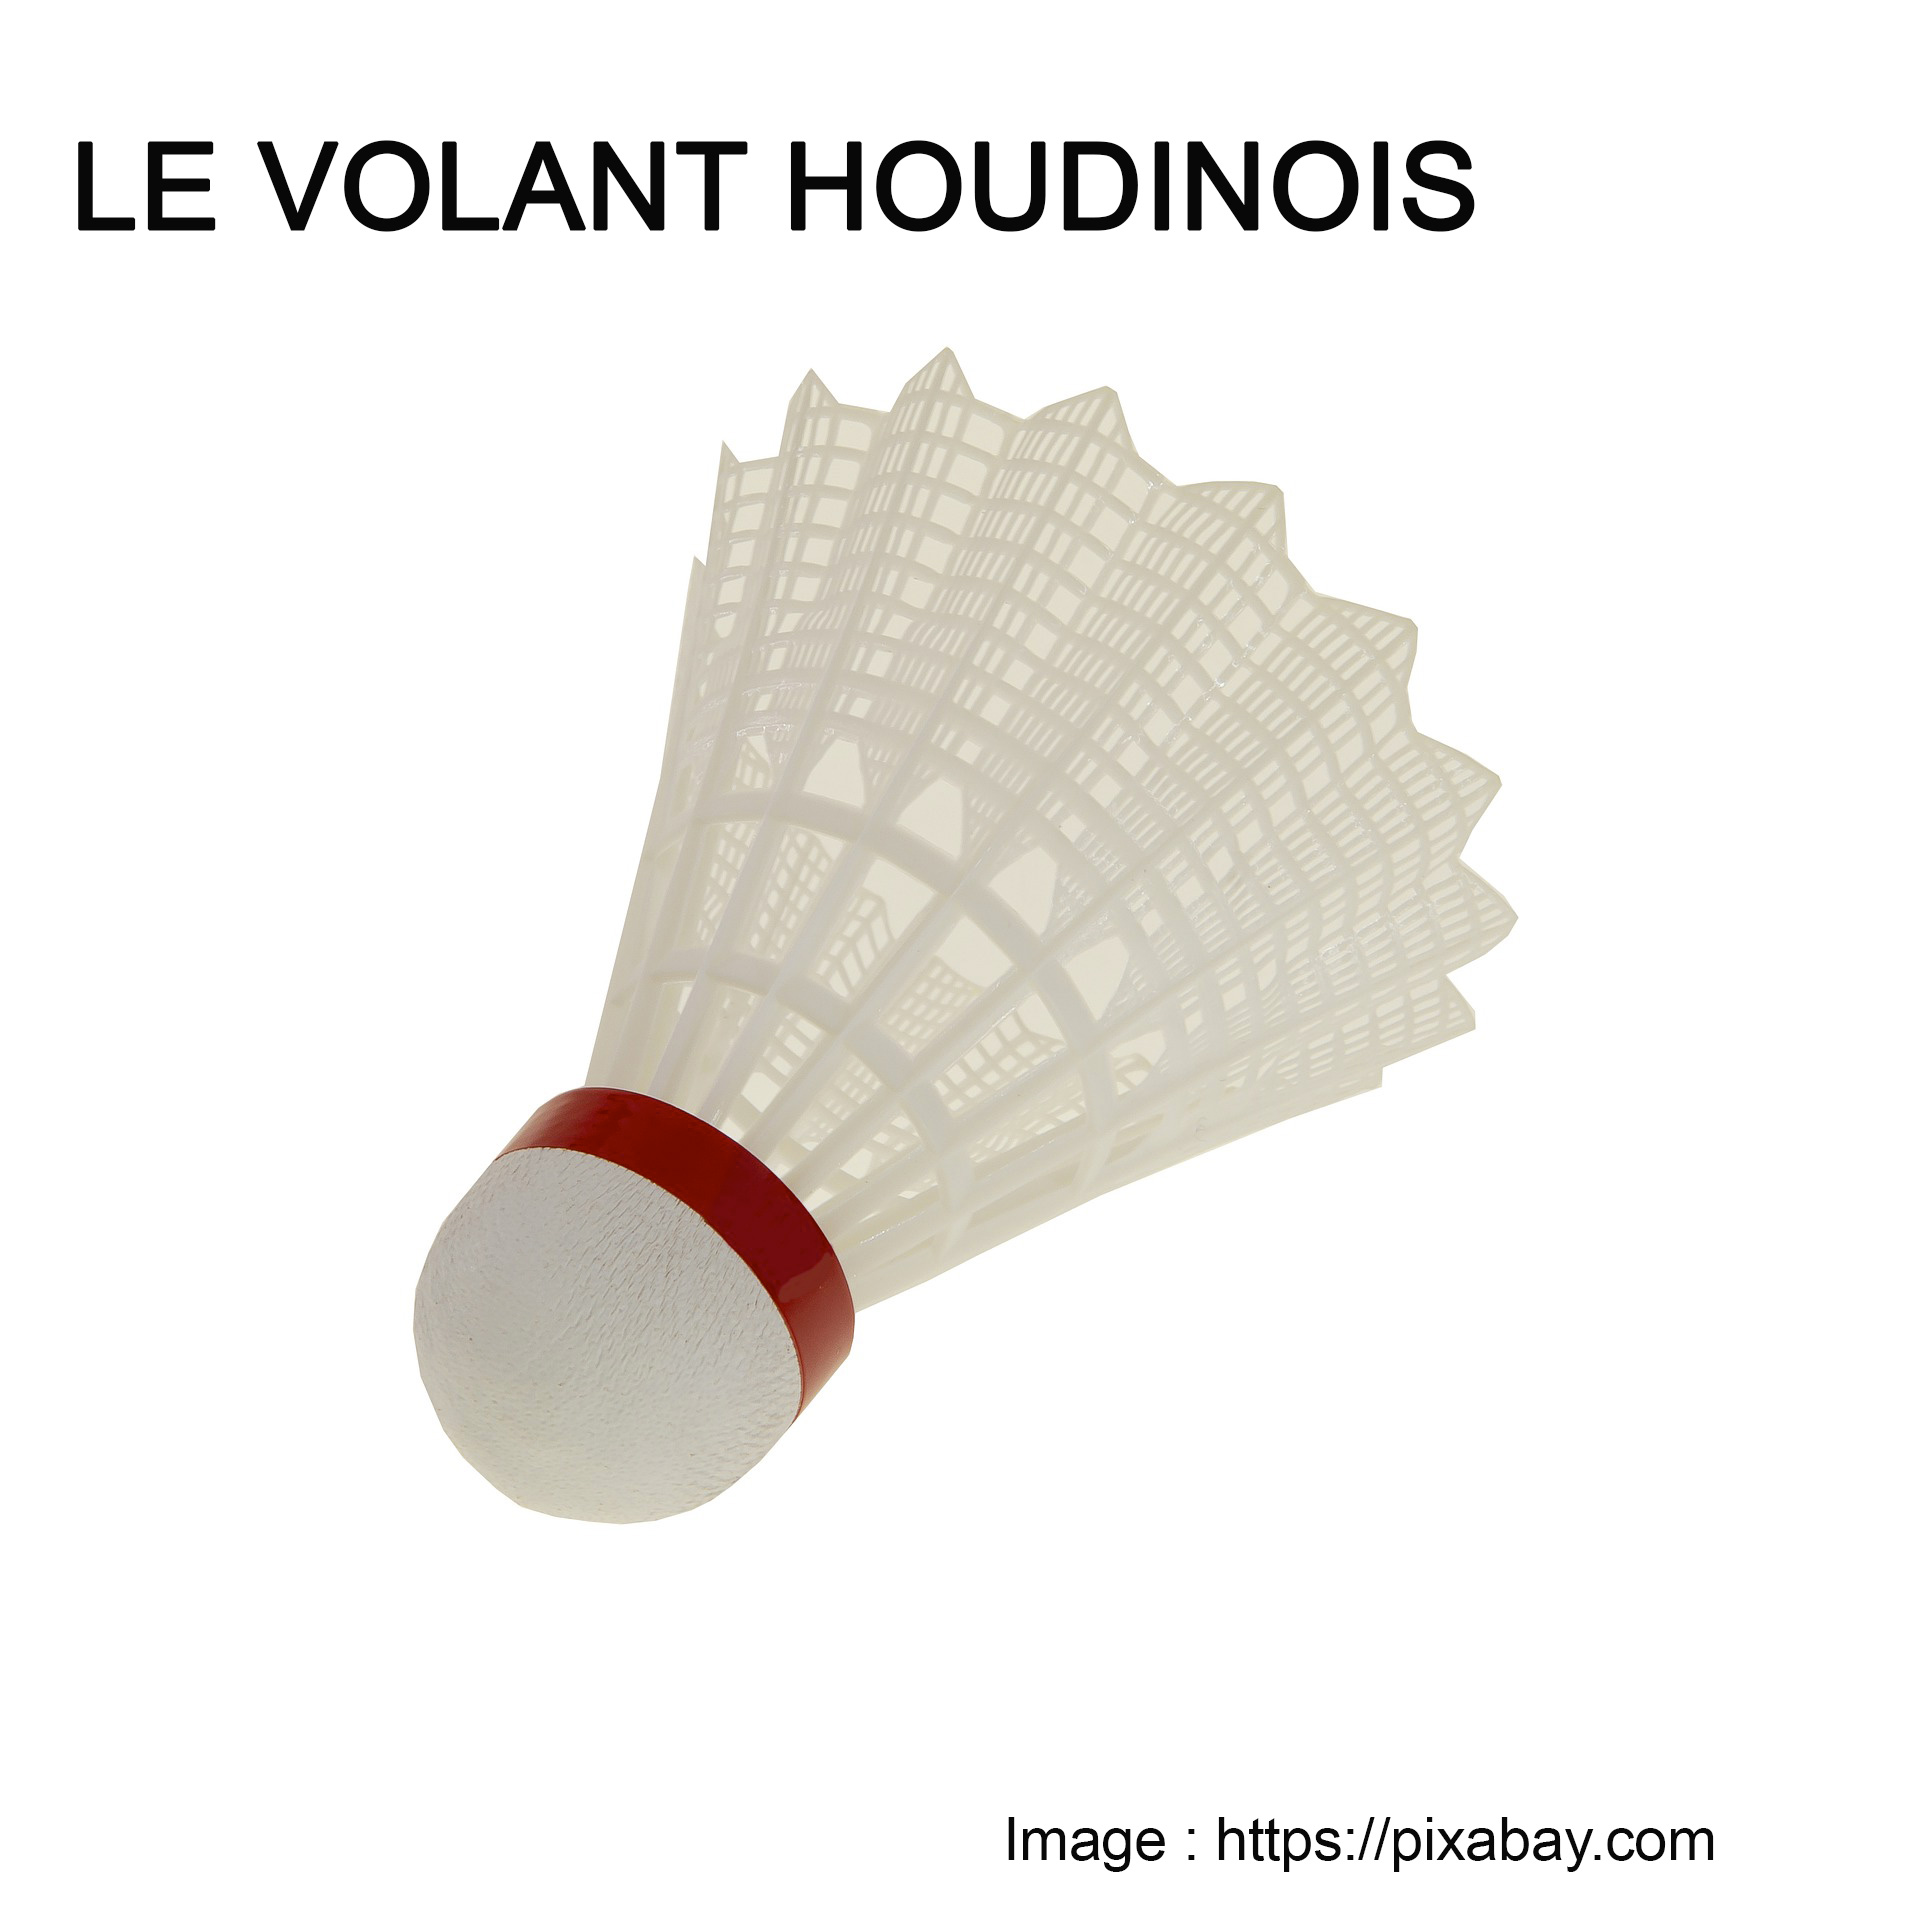 Volant-Houdinois.jpg